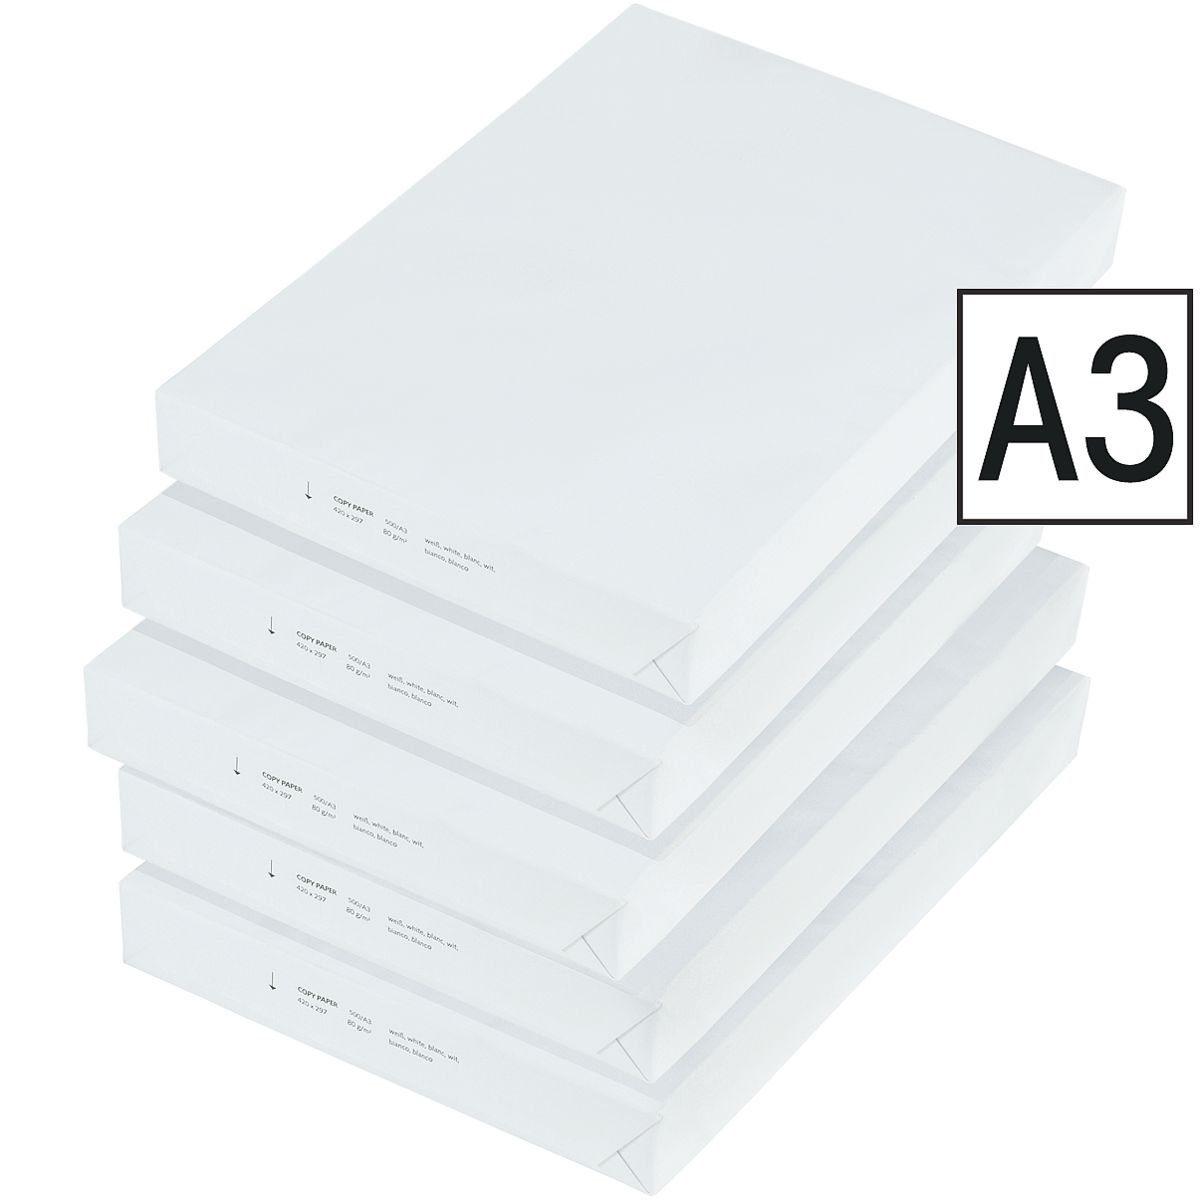 2500 Blatt A3-Kopierpapier